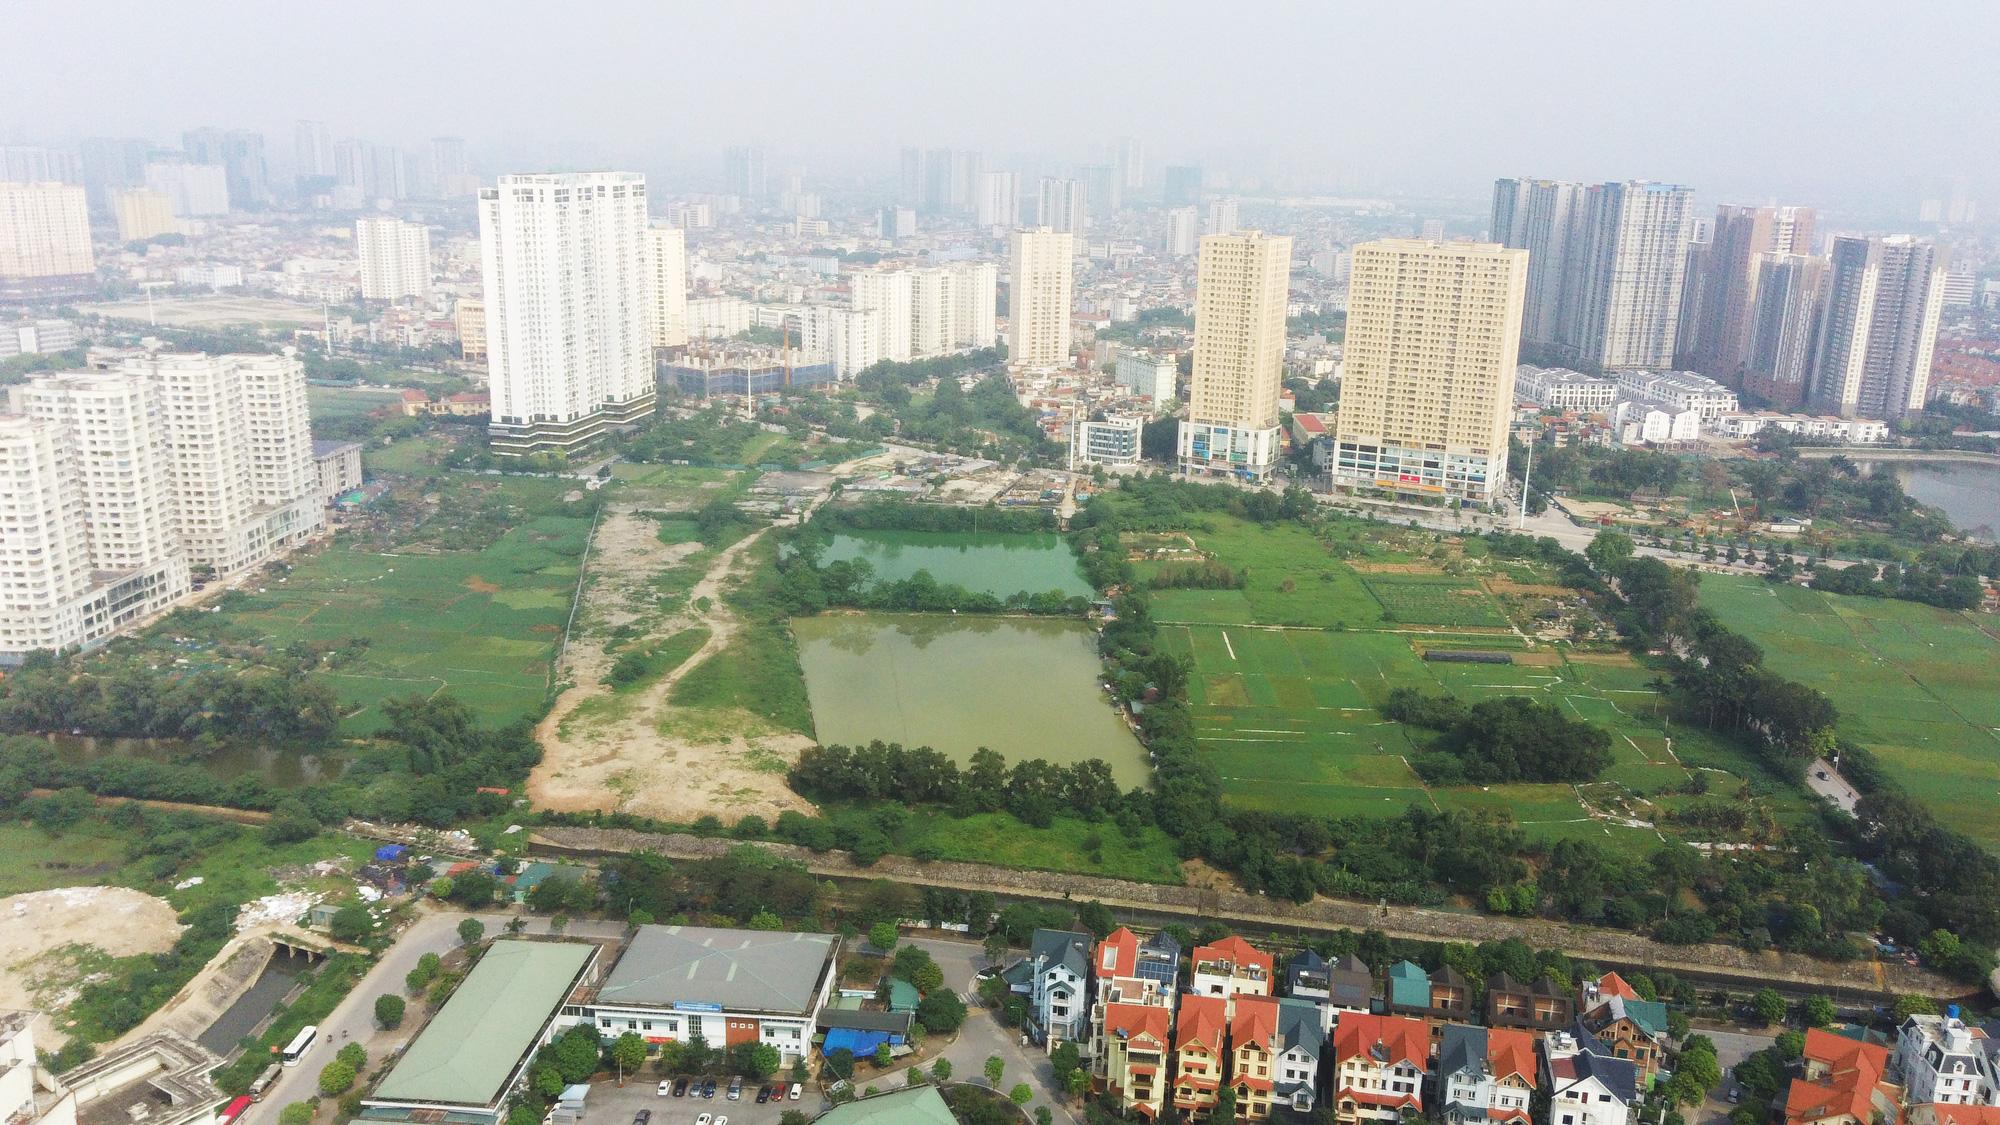 Liên danh Phú Mỹ - Văn Phú Invest sắp làm Công viên hồ điều hòa Trung Văn? - Ảnh 1.